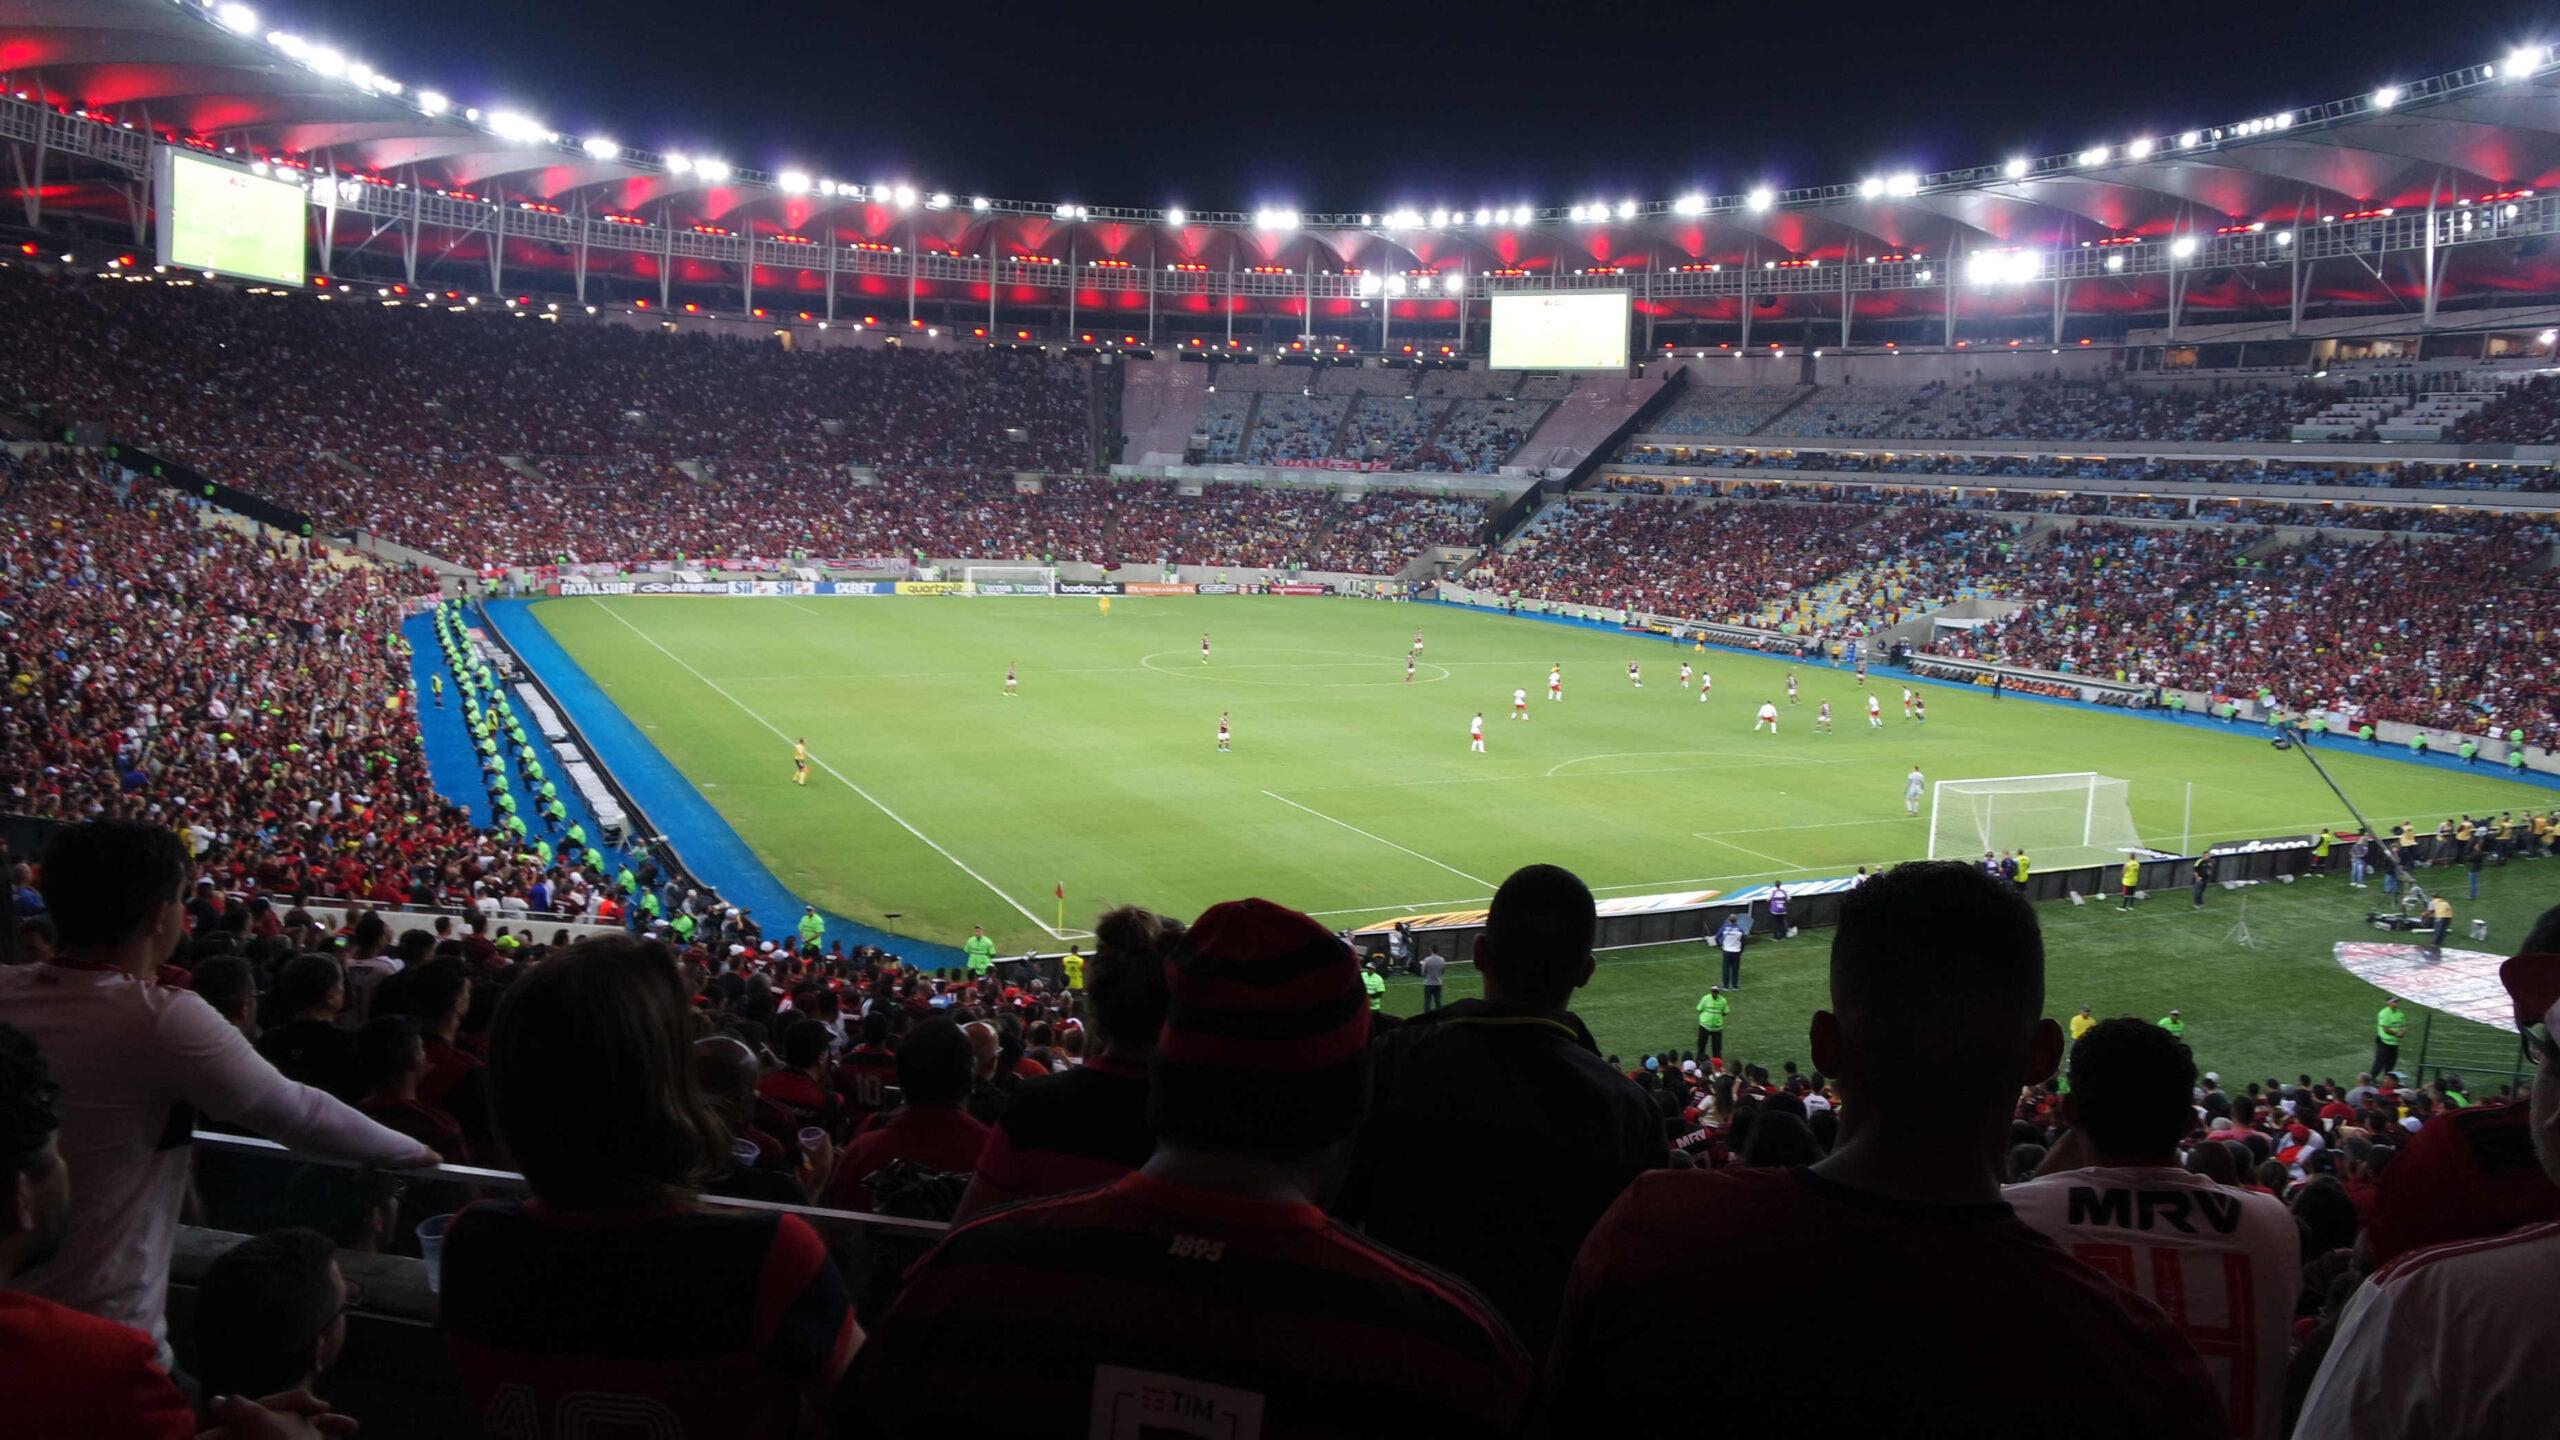 Jogo do Flamengo no Estádio do Maracanã